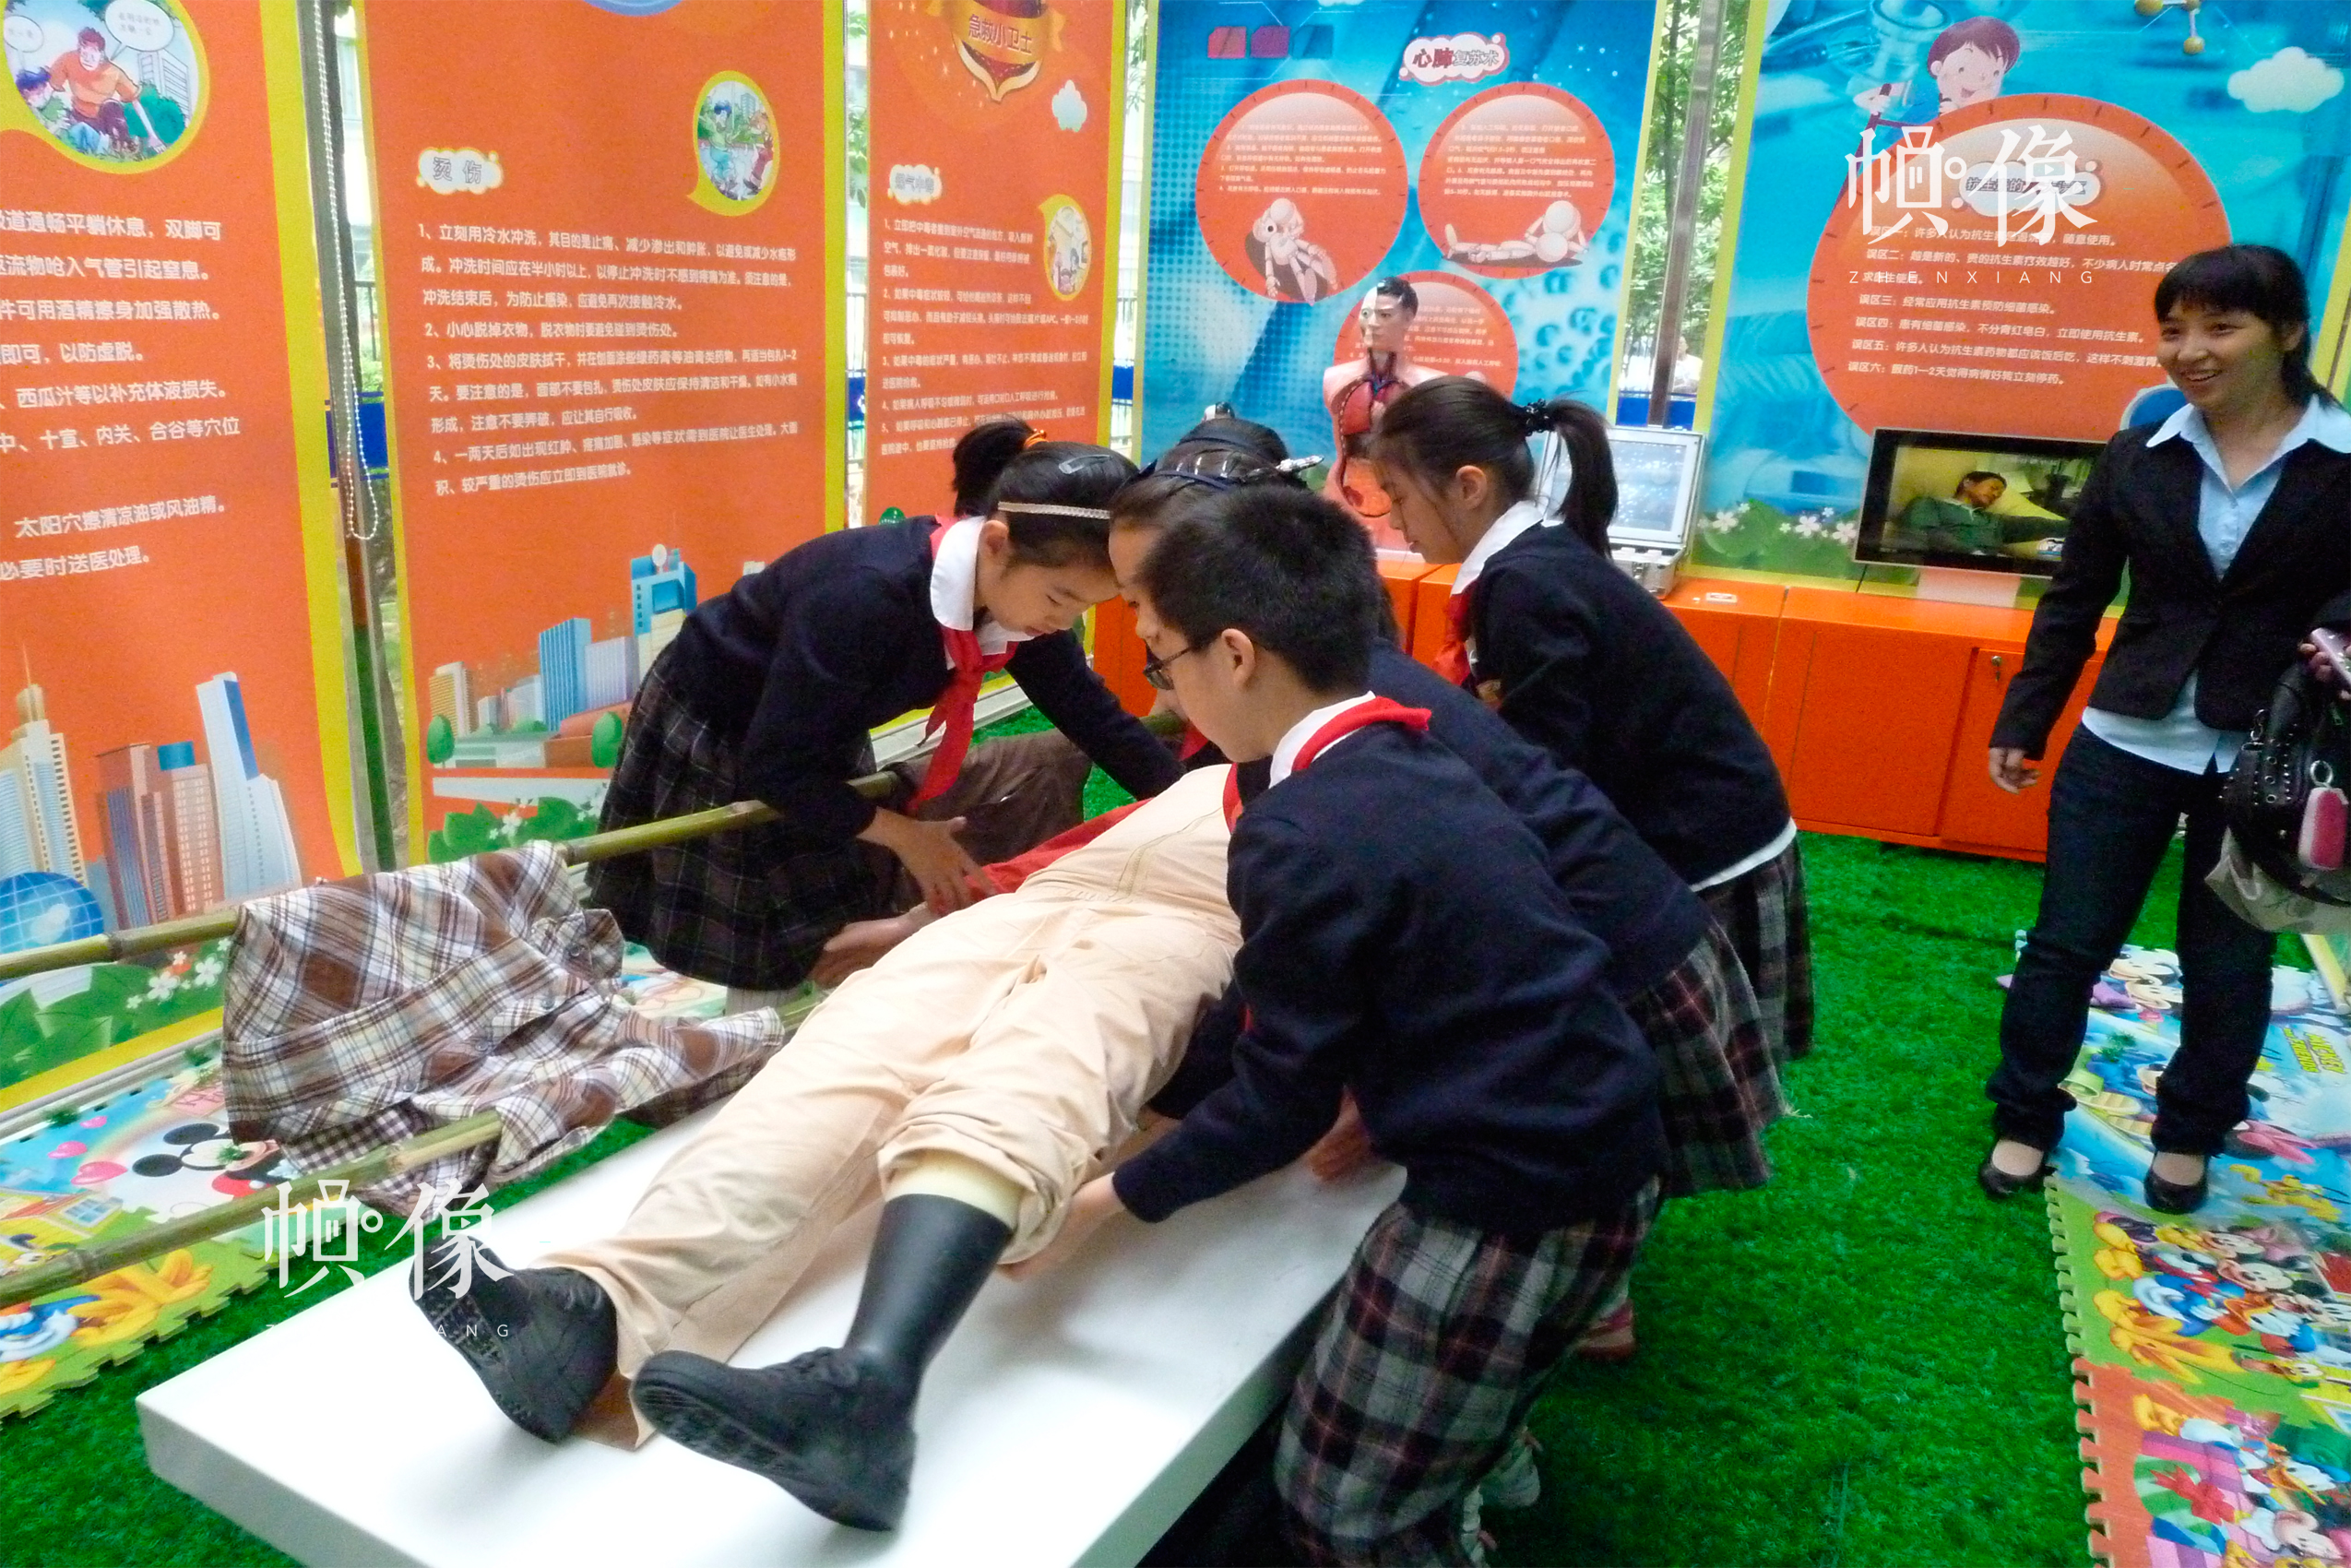 安全体验中心是在社区或校外活动场所建立的安全教育平台。在安全体验中心,学生进行简易担架制作和运送伤员的技能训练。中国儿童基金会供图